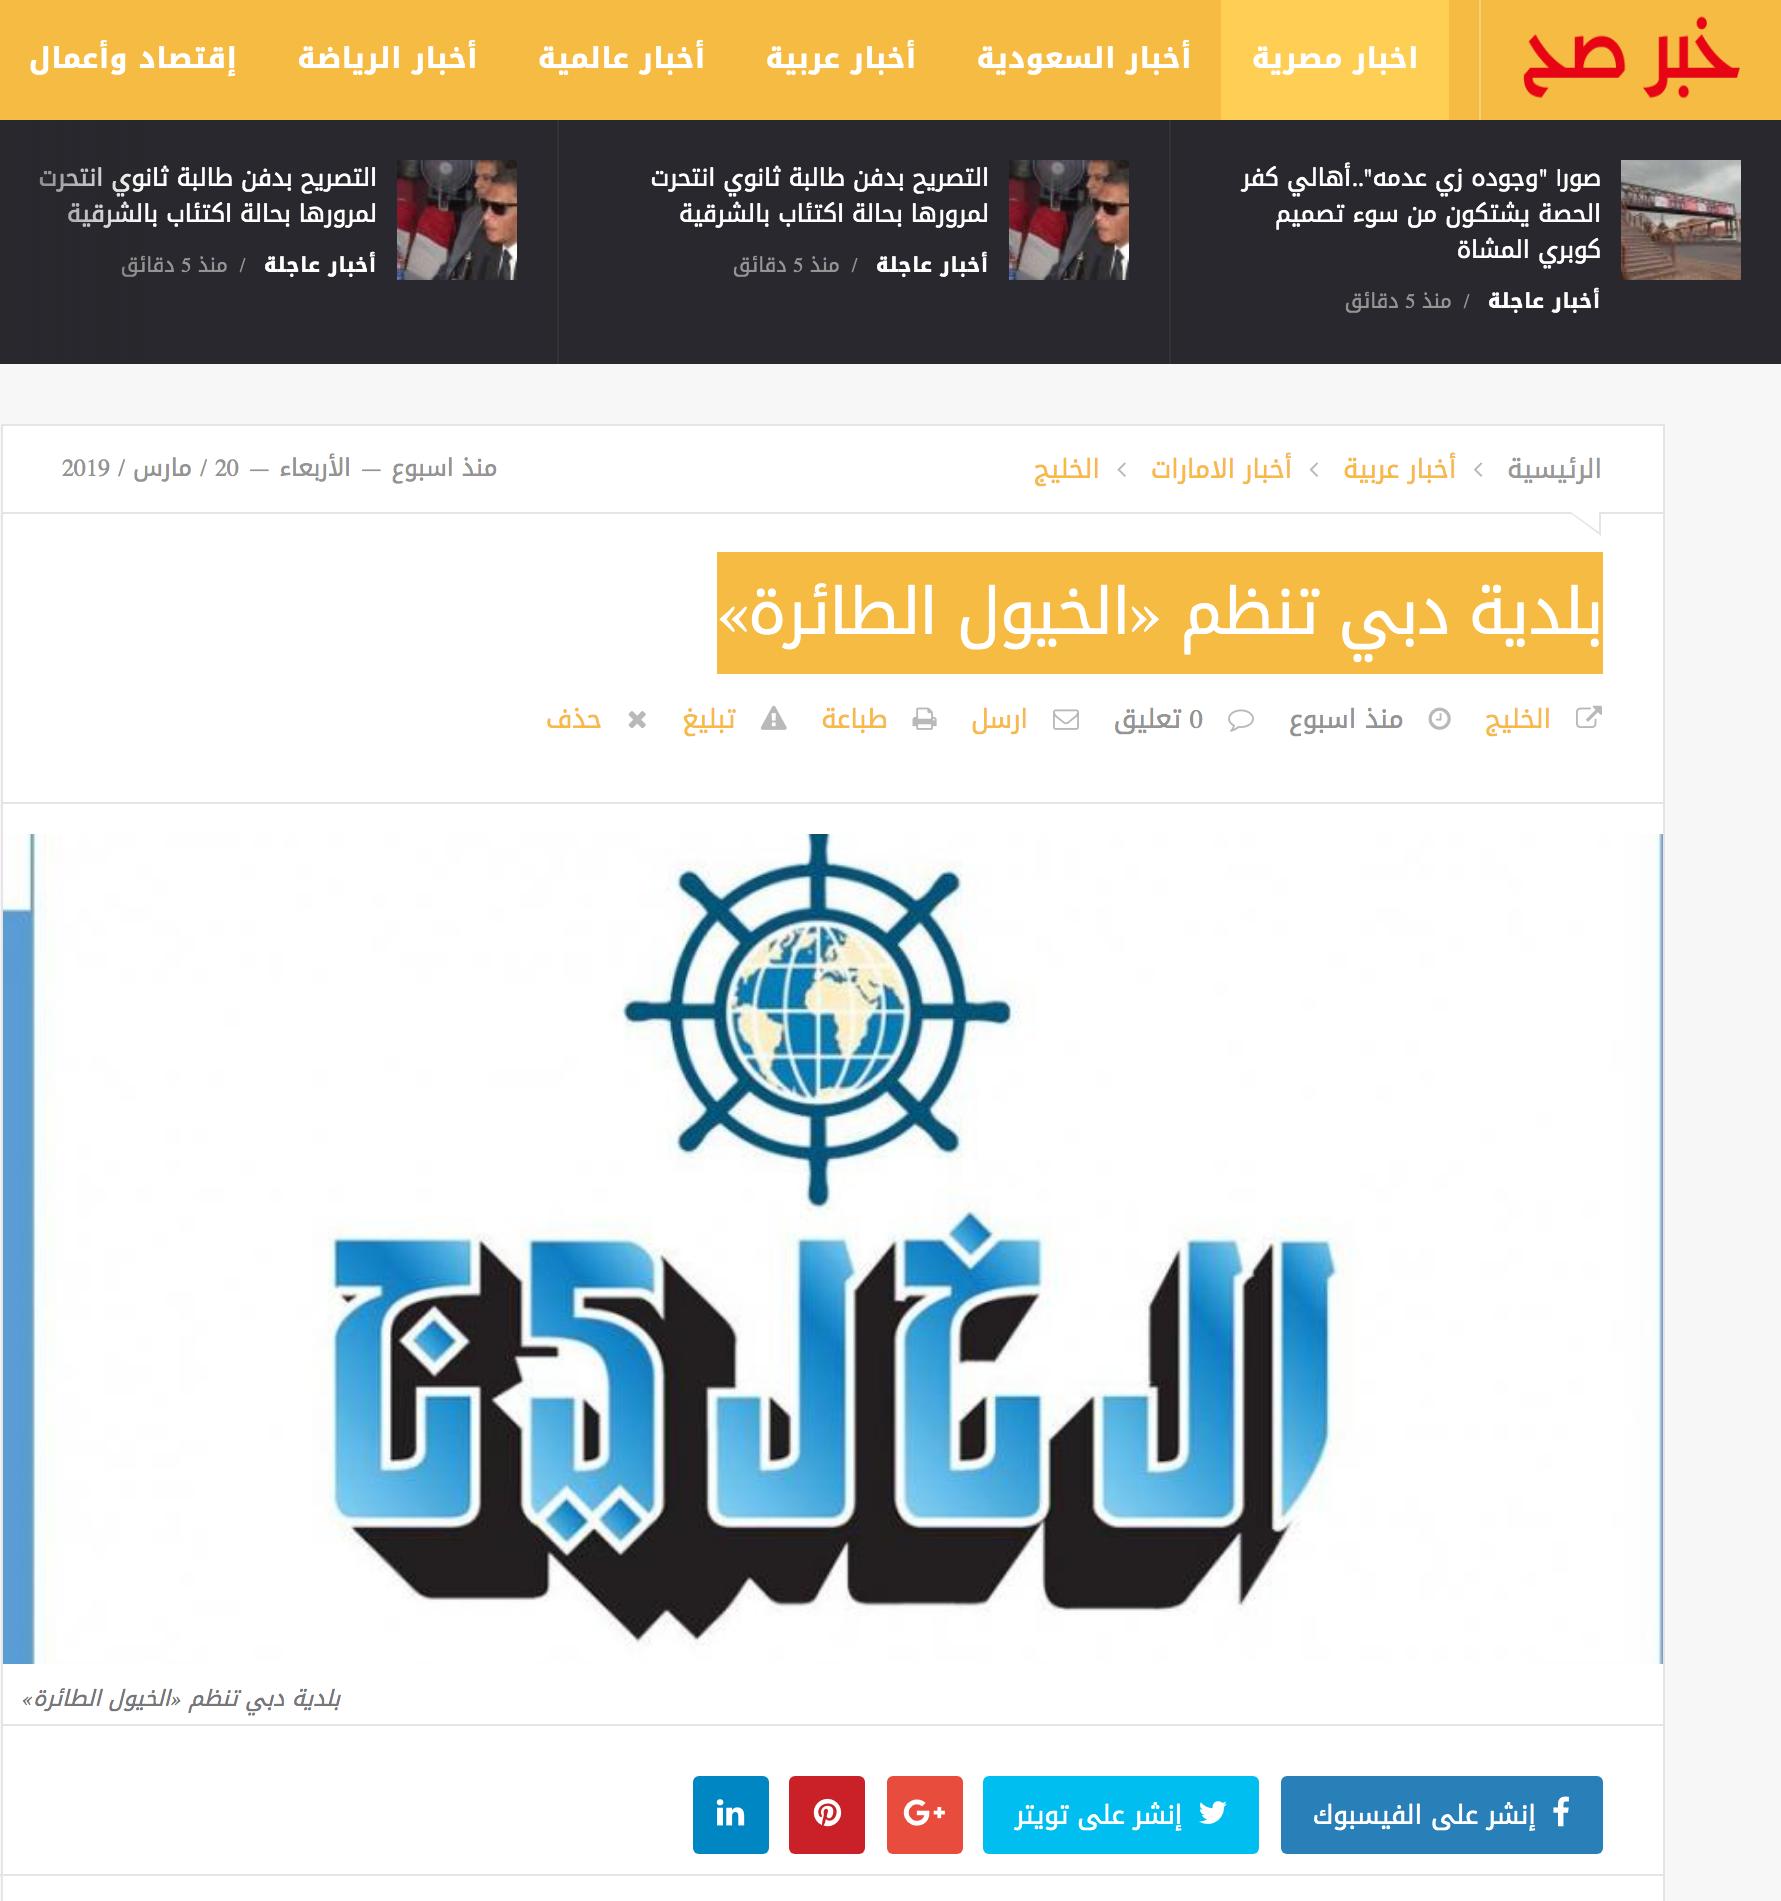 - بلدية دبي تنظم «الخيول الطائرة» - khabars7.com.png